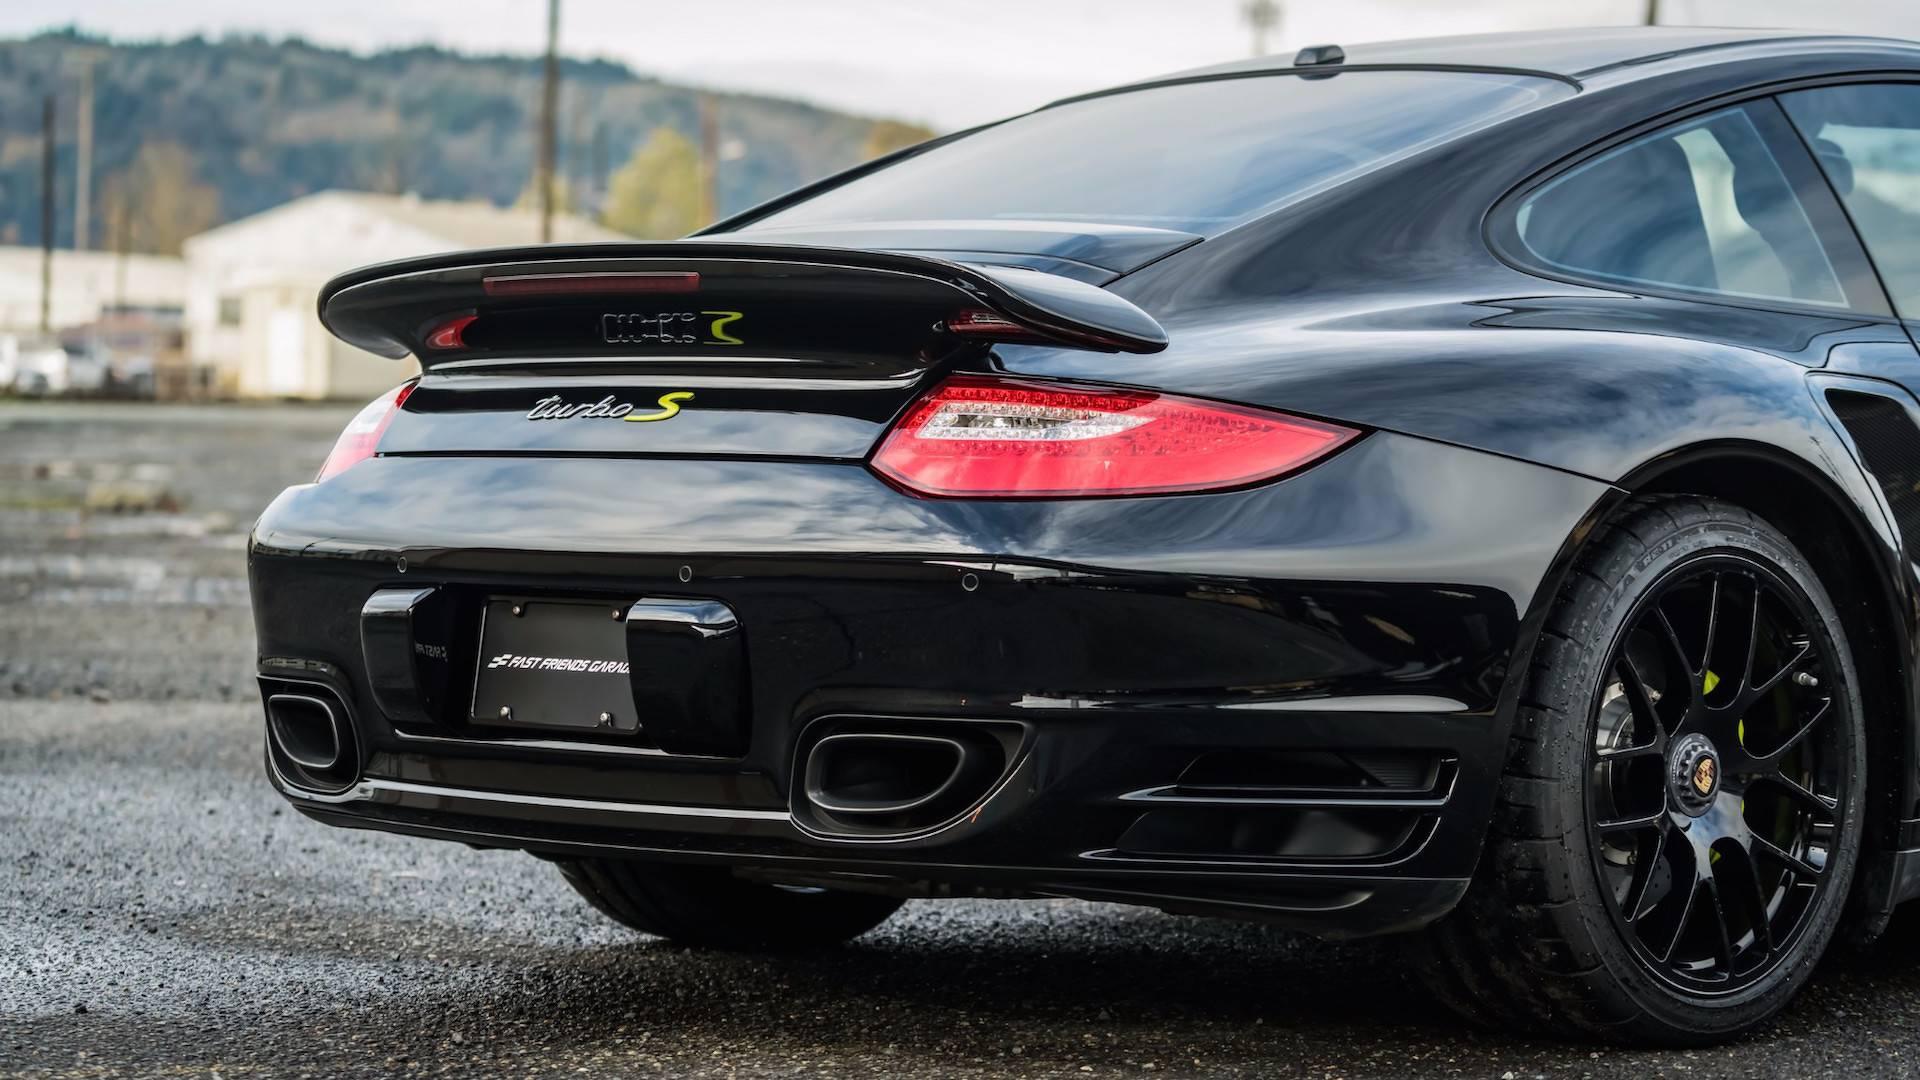 Porsche_911_Edition_918_Spyder_0009